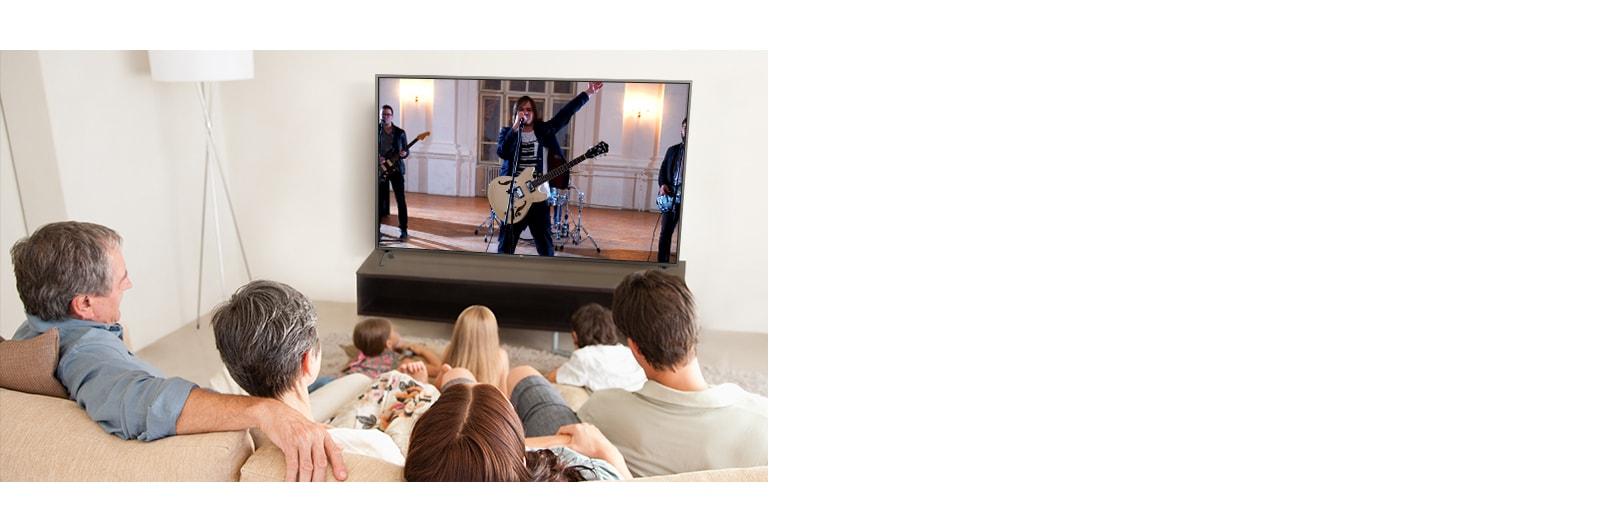 Gezin met zeven mensen die in de woonkamer naar een film kijken. Op het tv-scherm speelt een band.